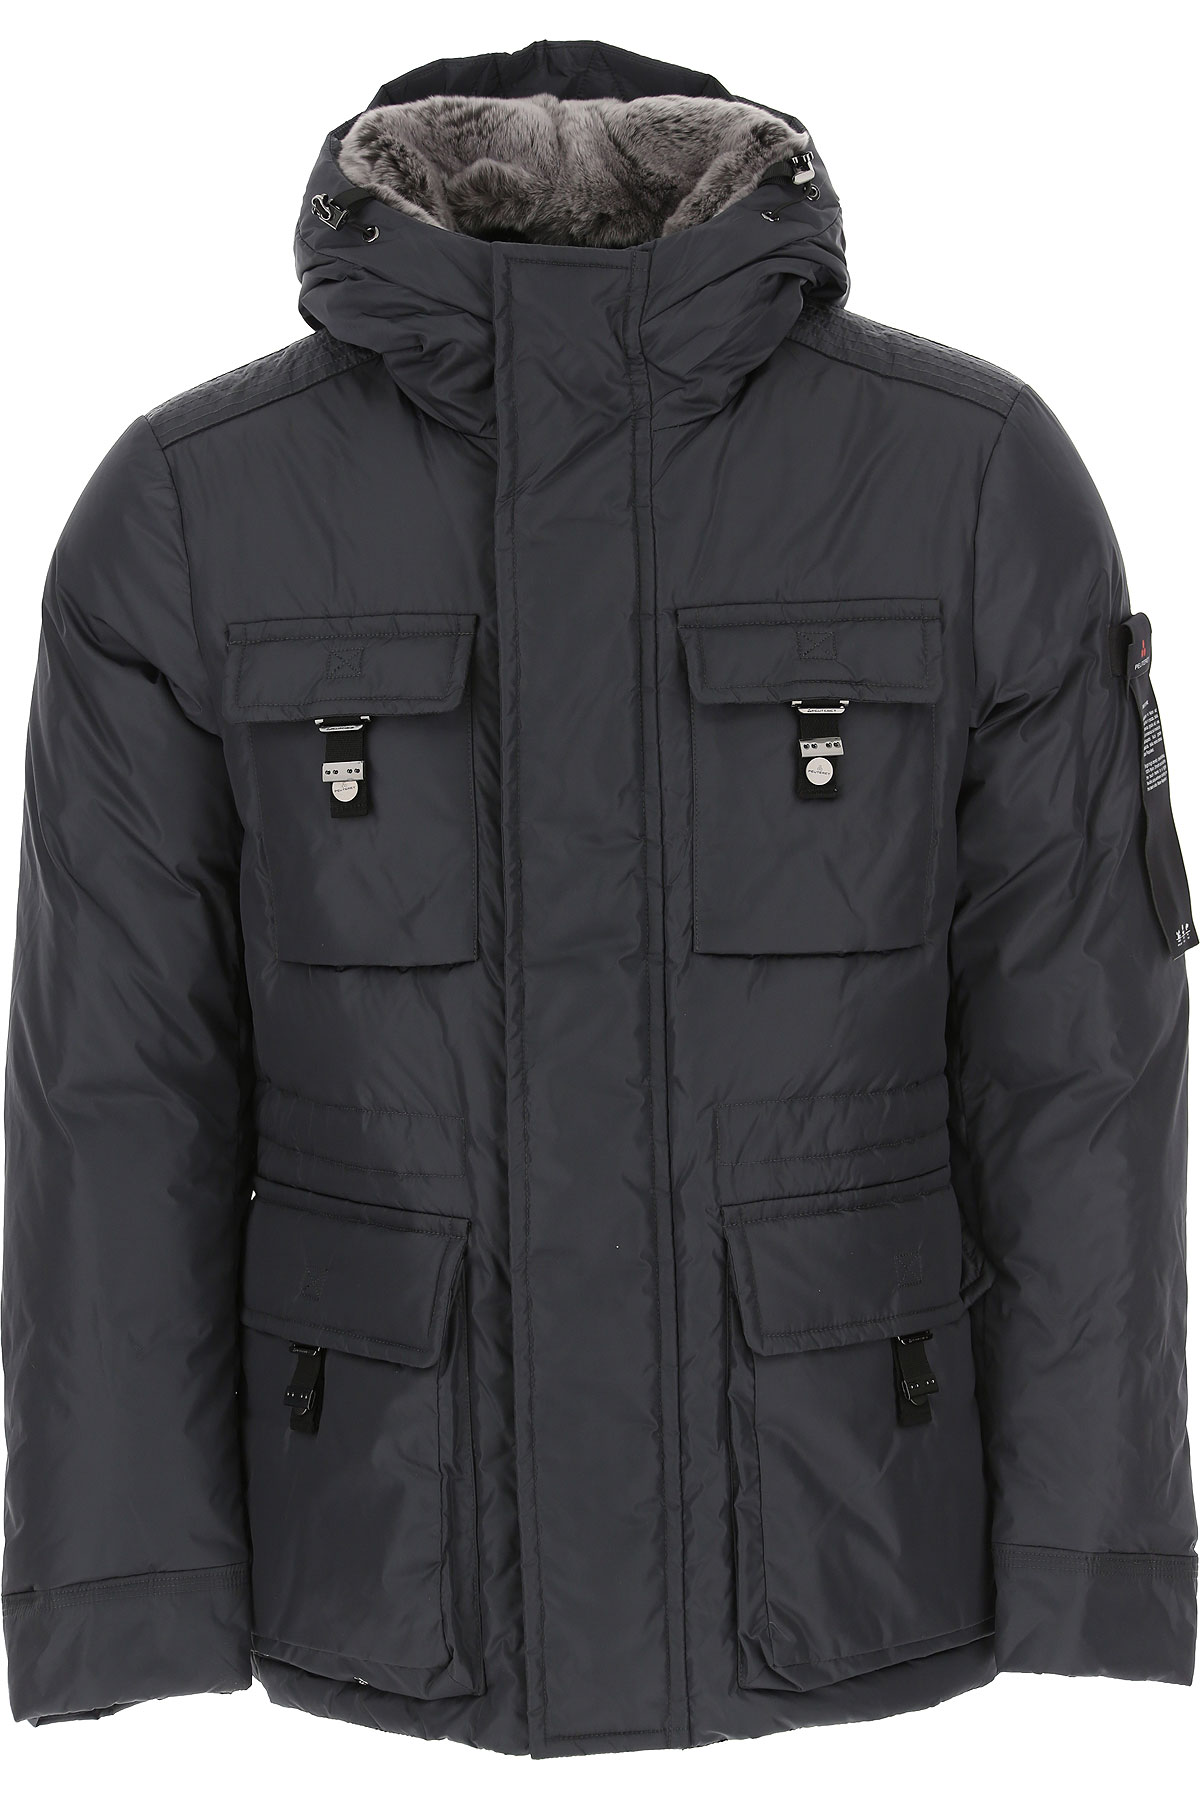 Peuterey Down Jacket for Men, Puffer Ski Jacket On Sale, Metallic Grey, polyamide, 2019, M XL